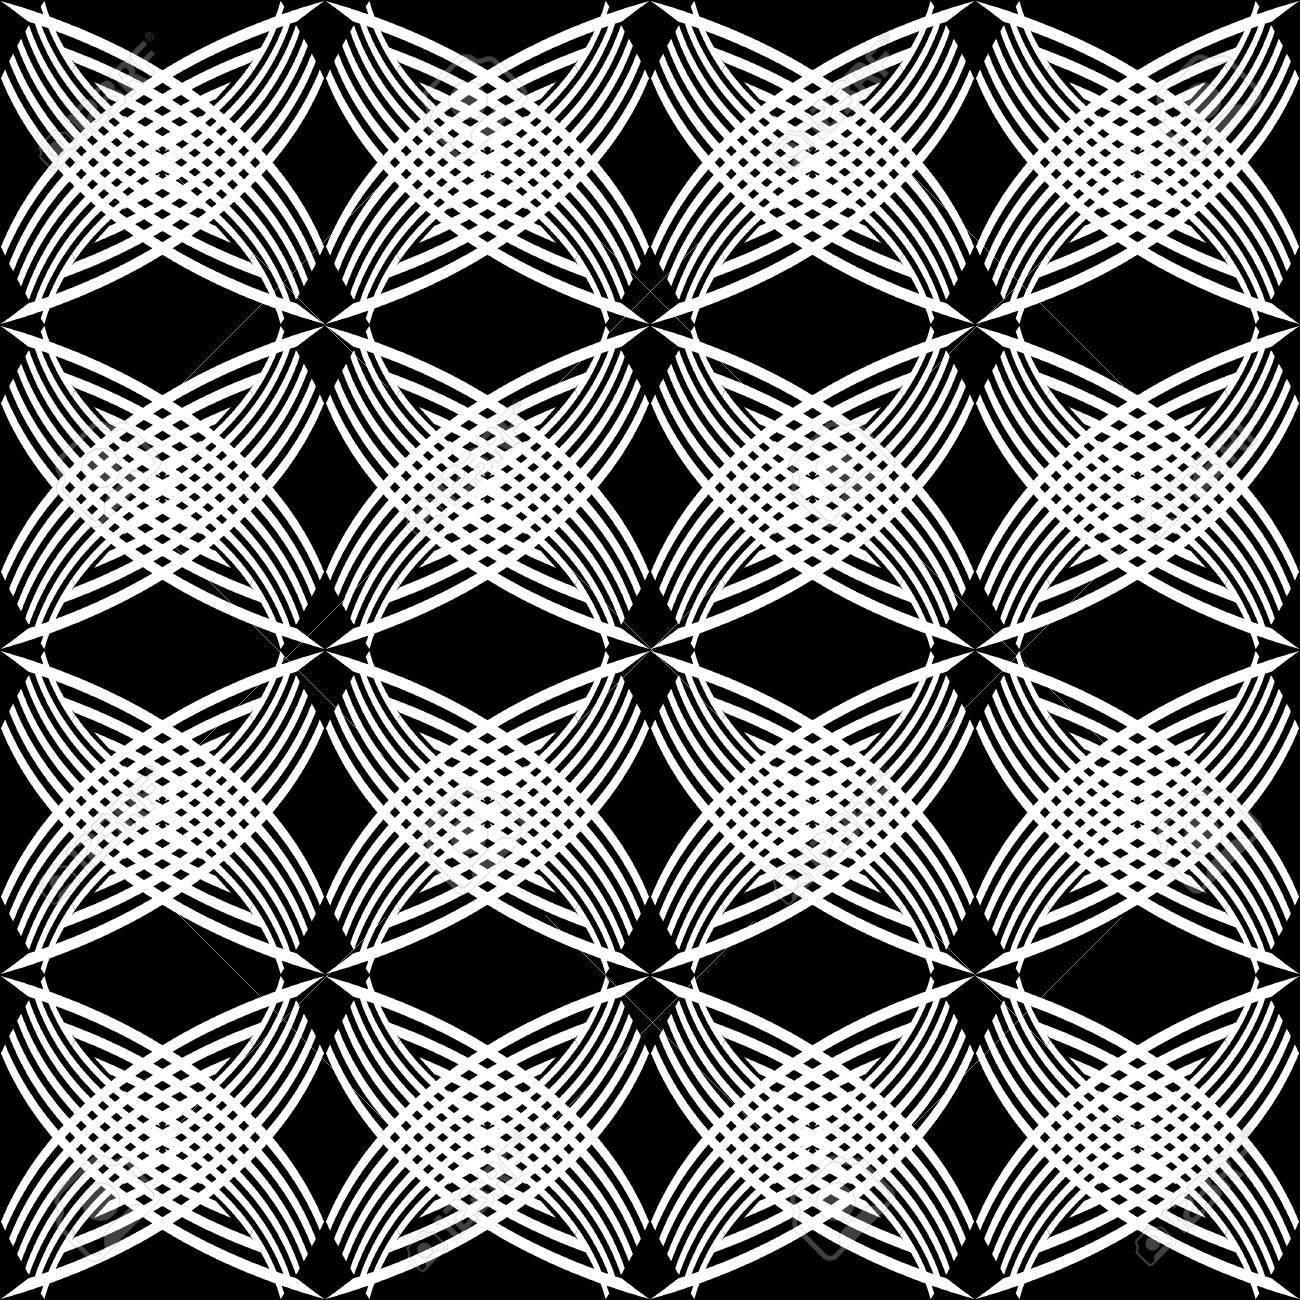 Seamless pattern. Vector art. - 12369146